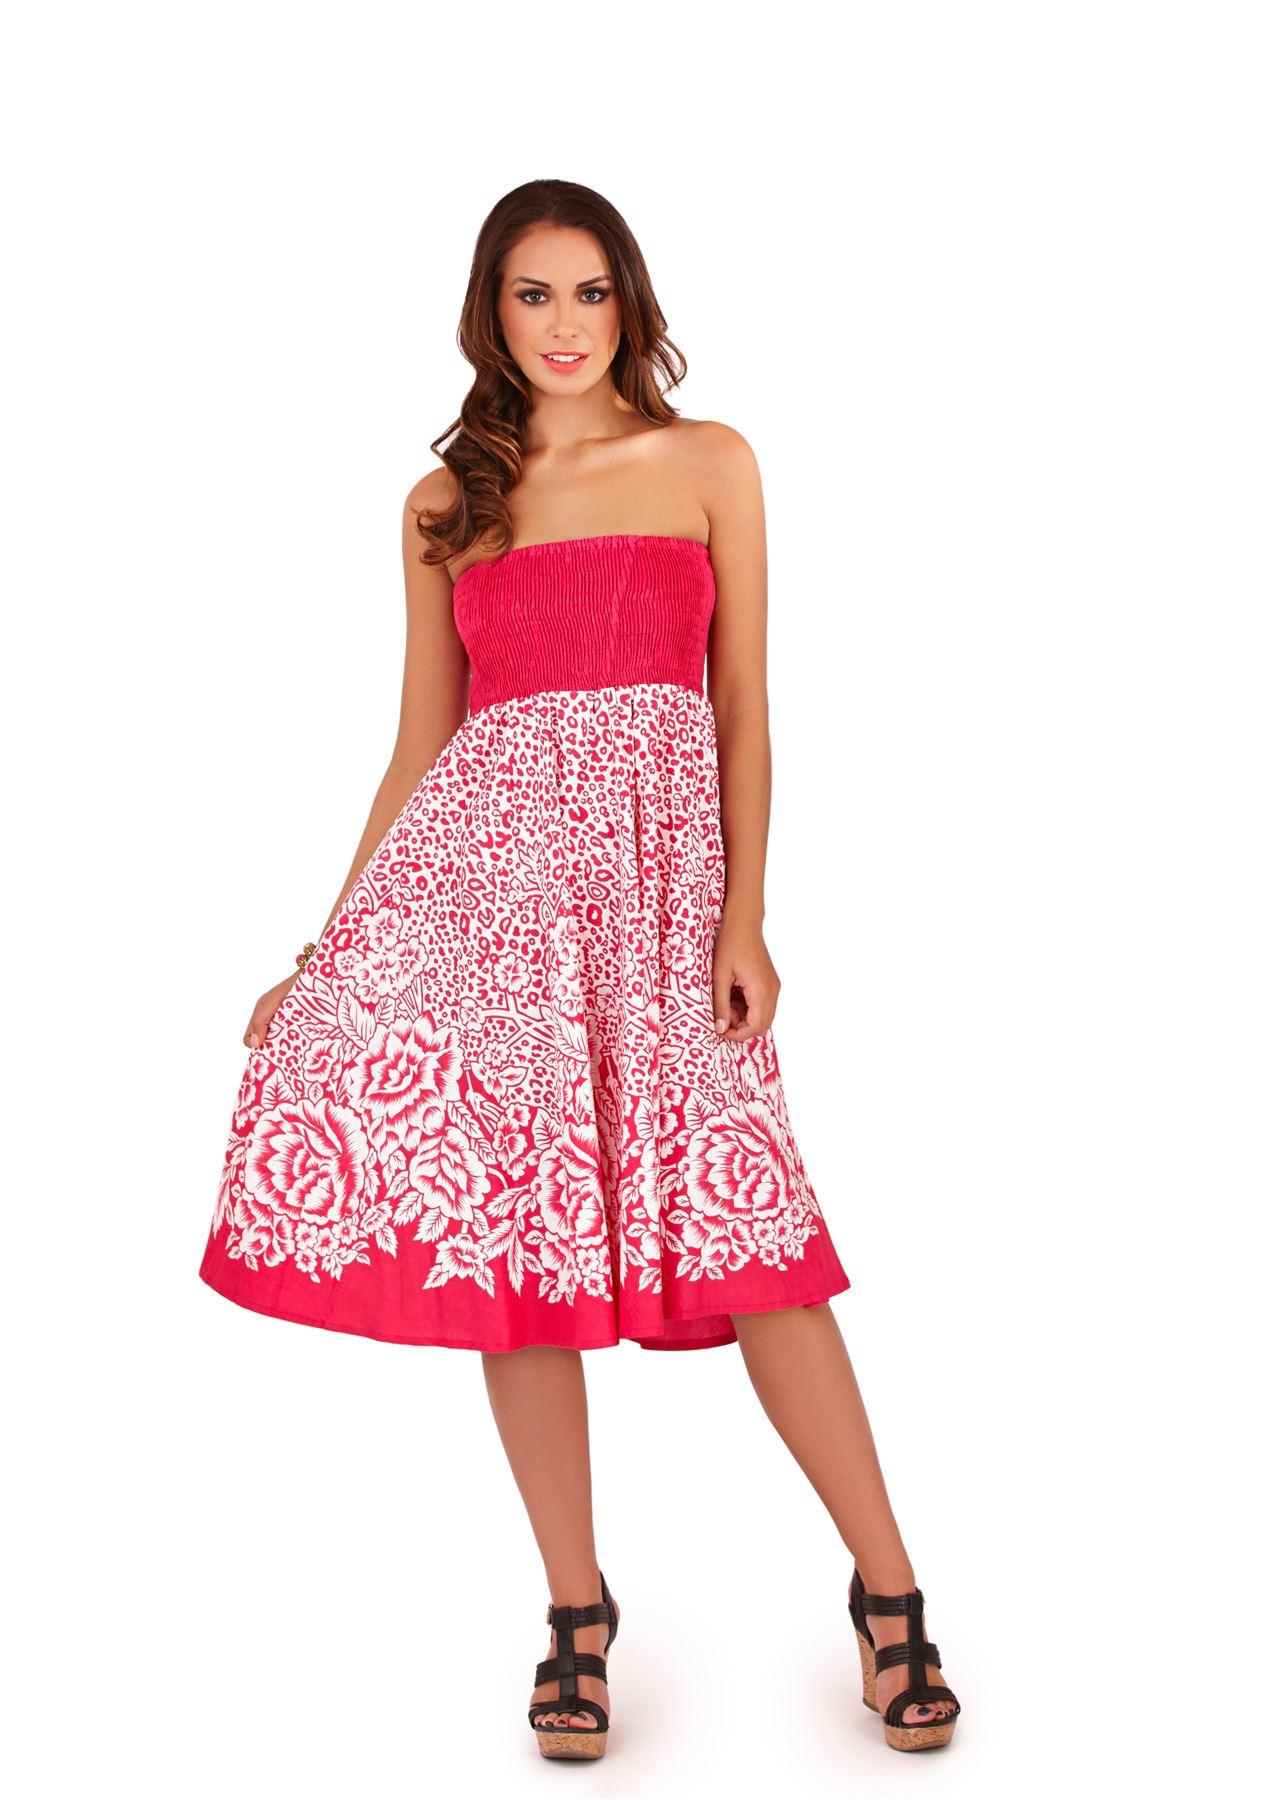 Summer Dresses Size 22 - Dress images